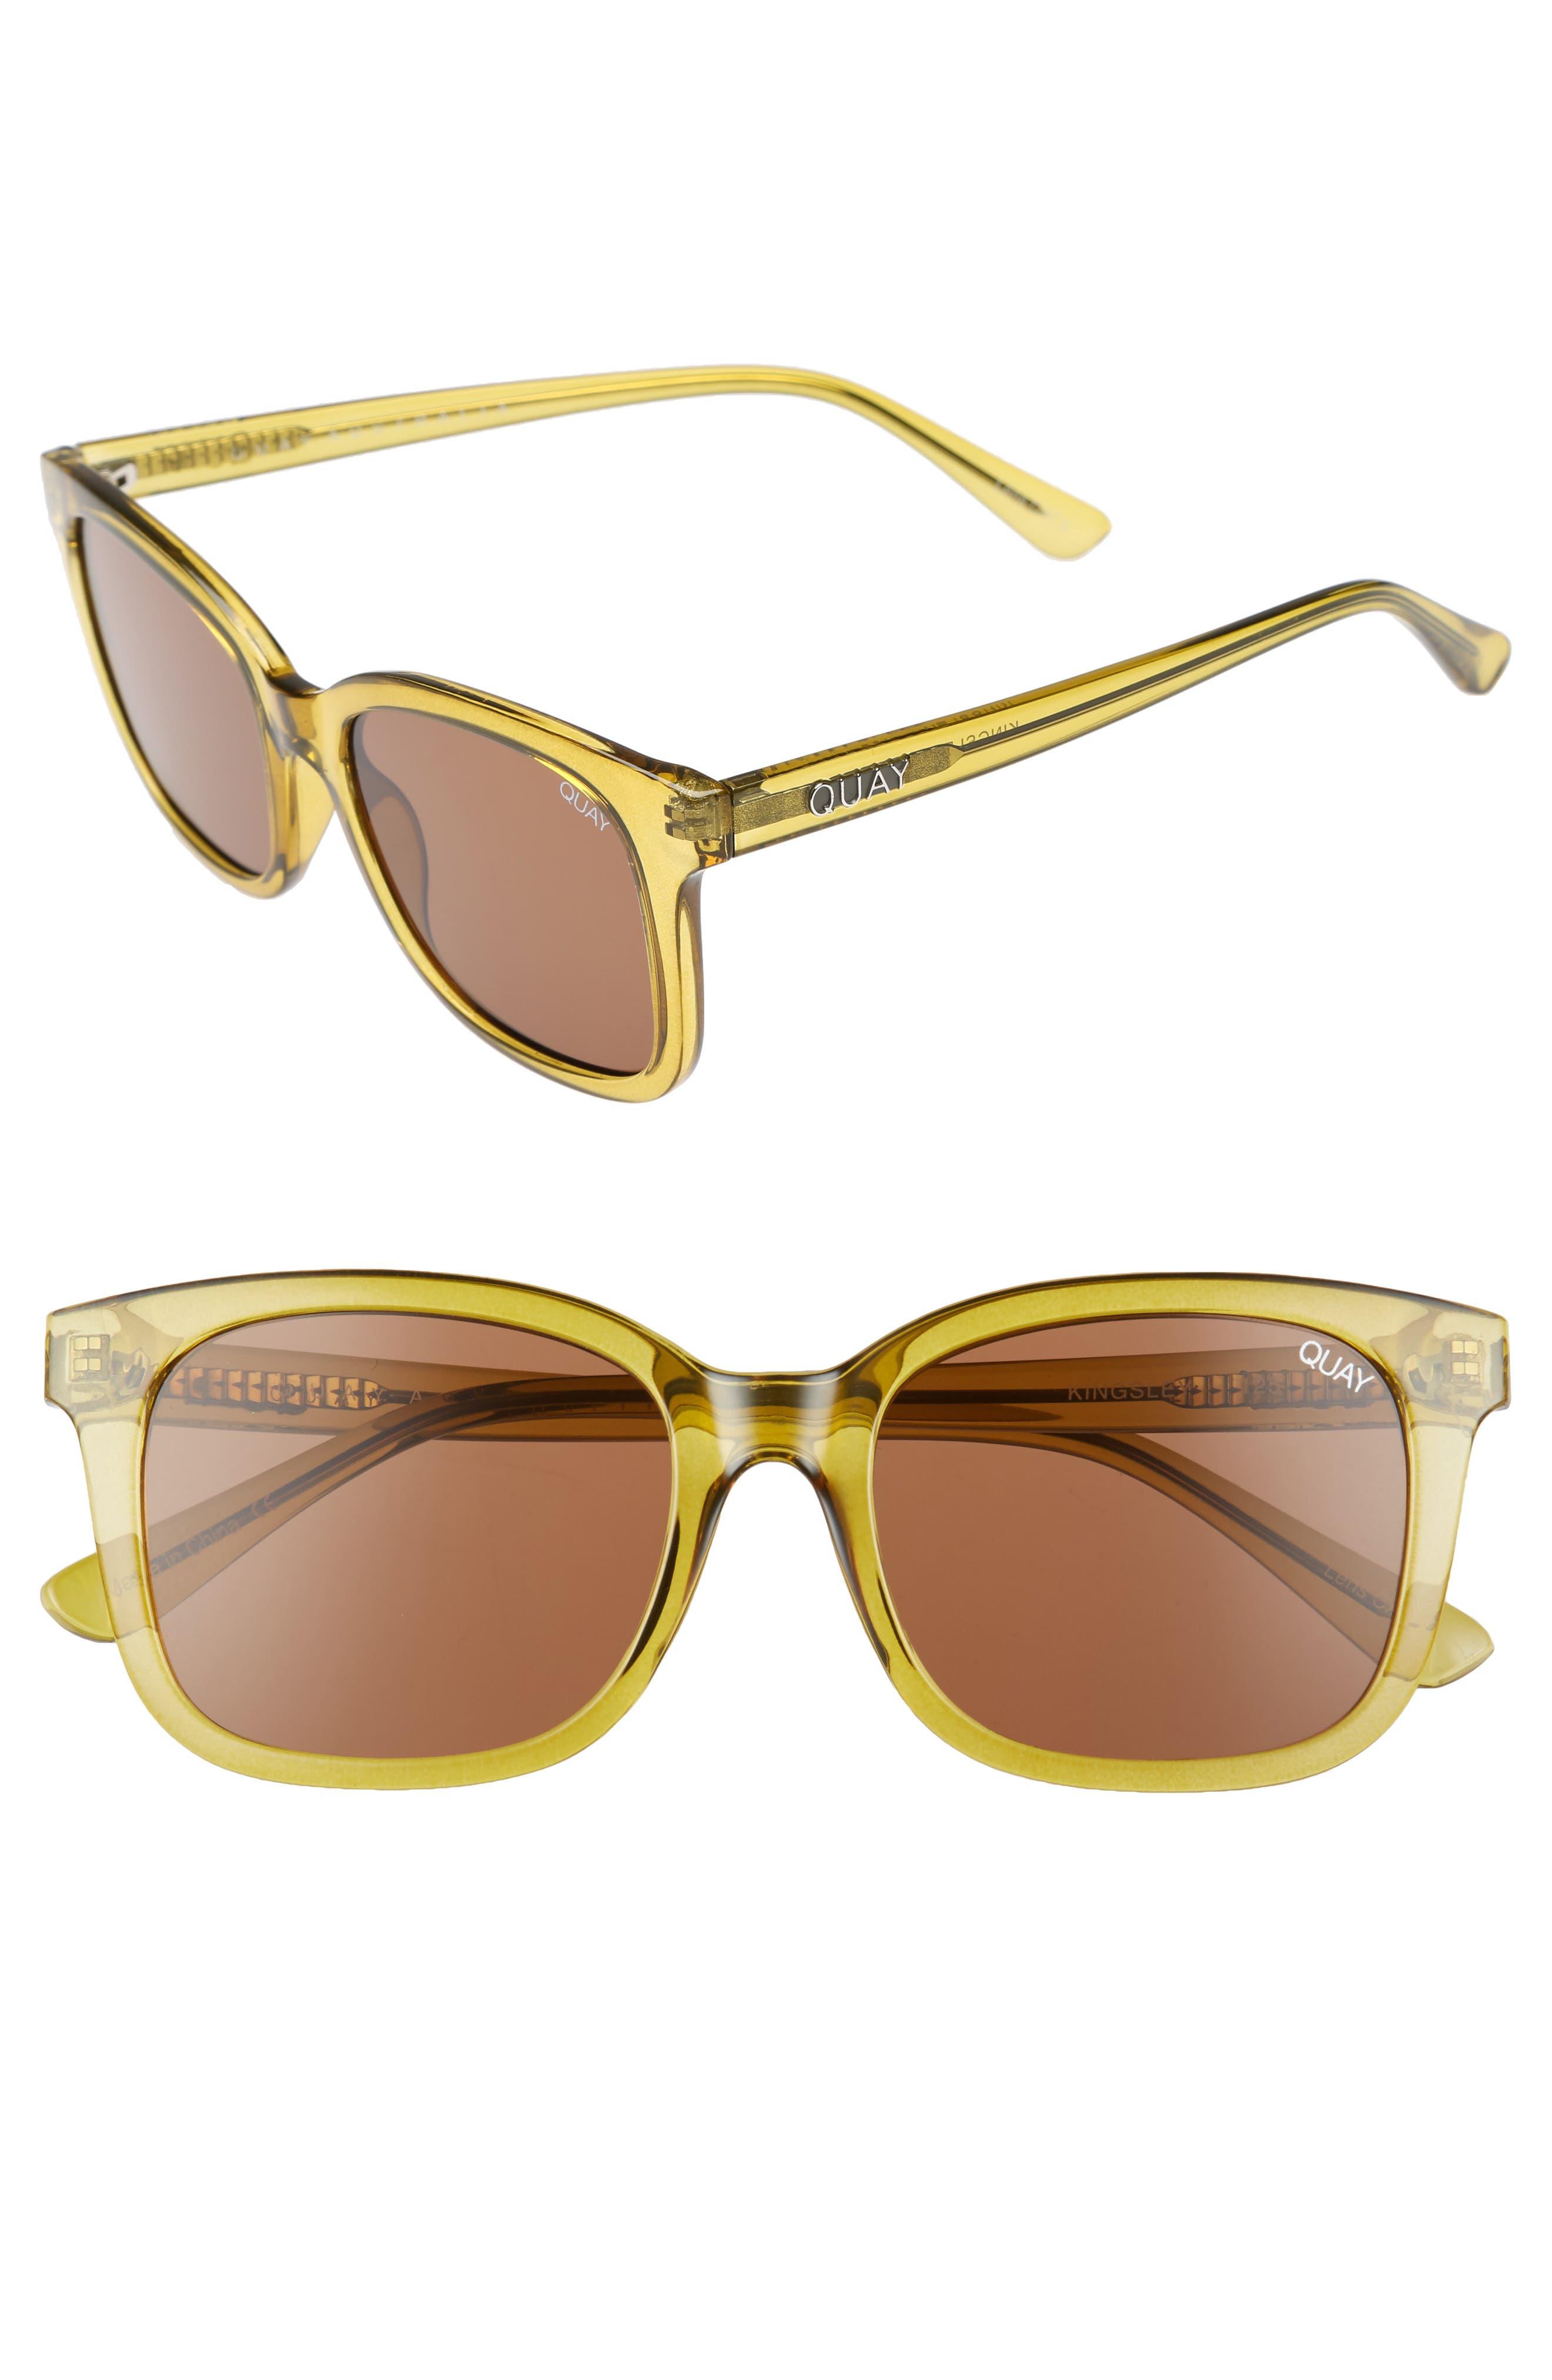 Quay Australia Kingsley 52Mm Sunglasses - Olive/ Brown